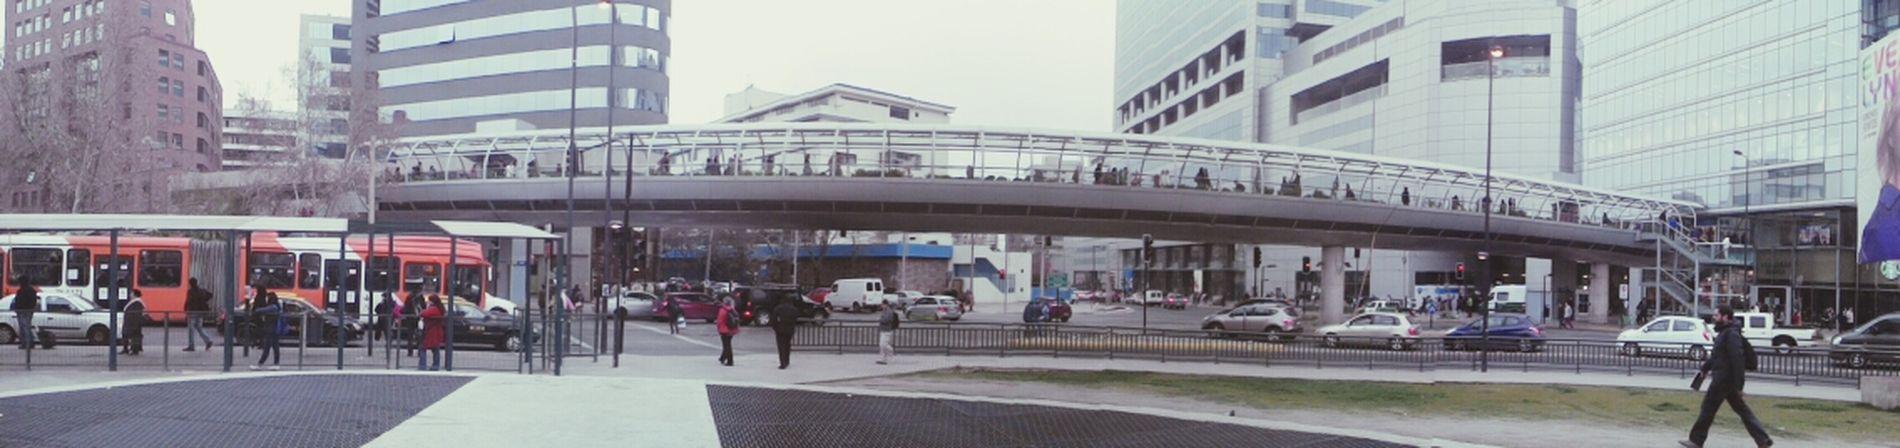 Costanera Center Mall Paseo Bicicleta de paseo en bici por Santiago